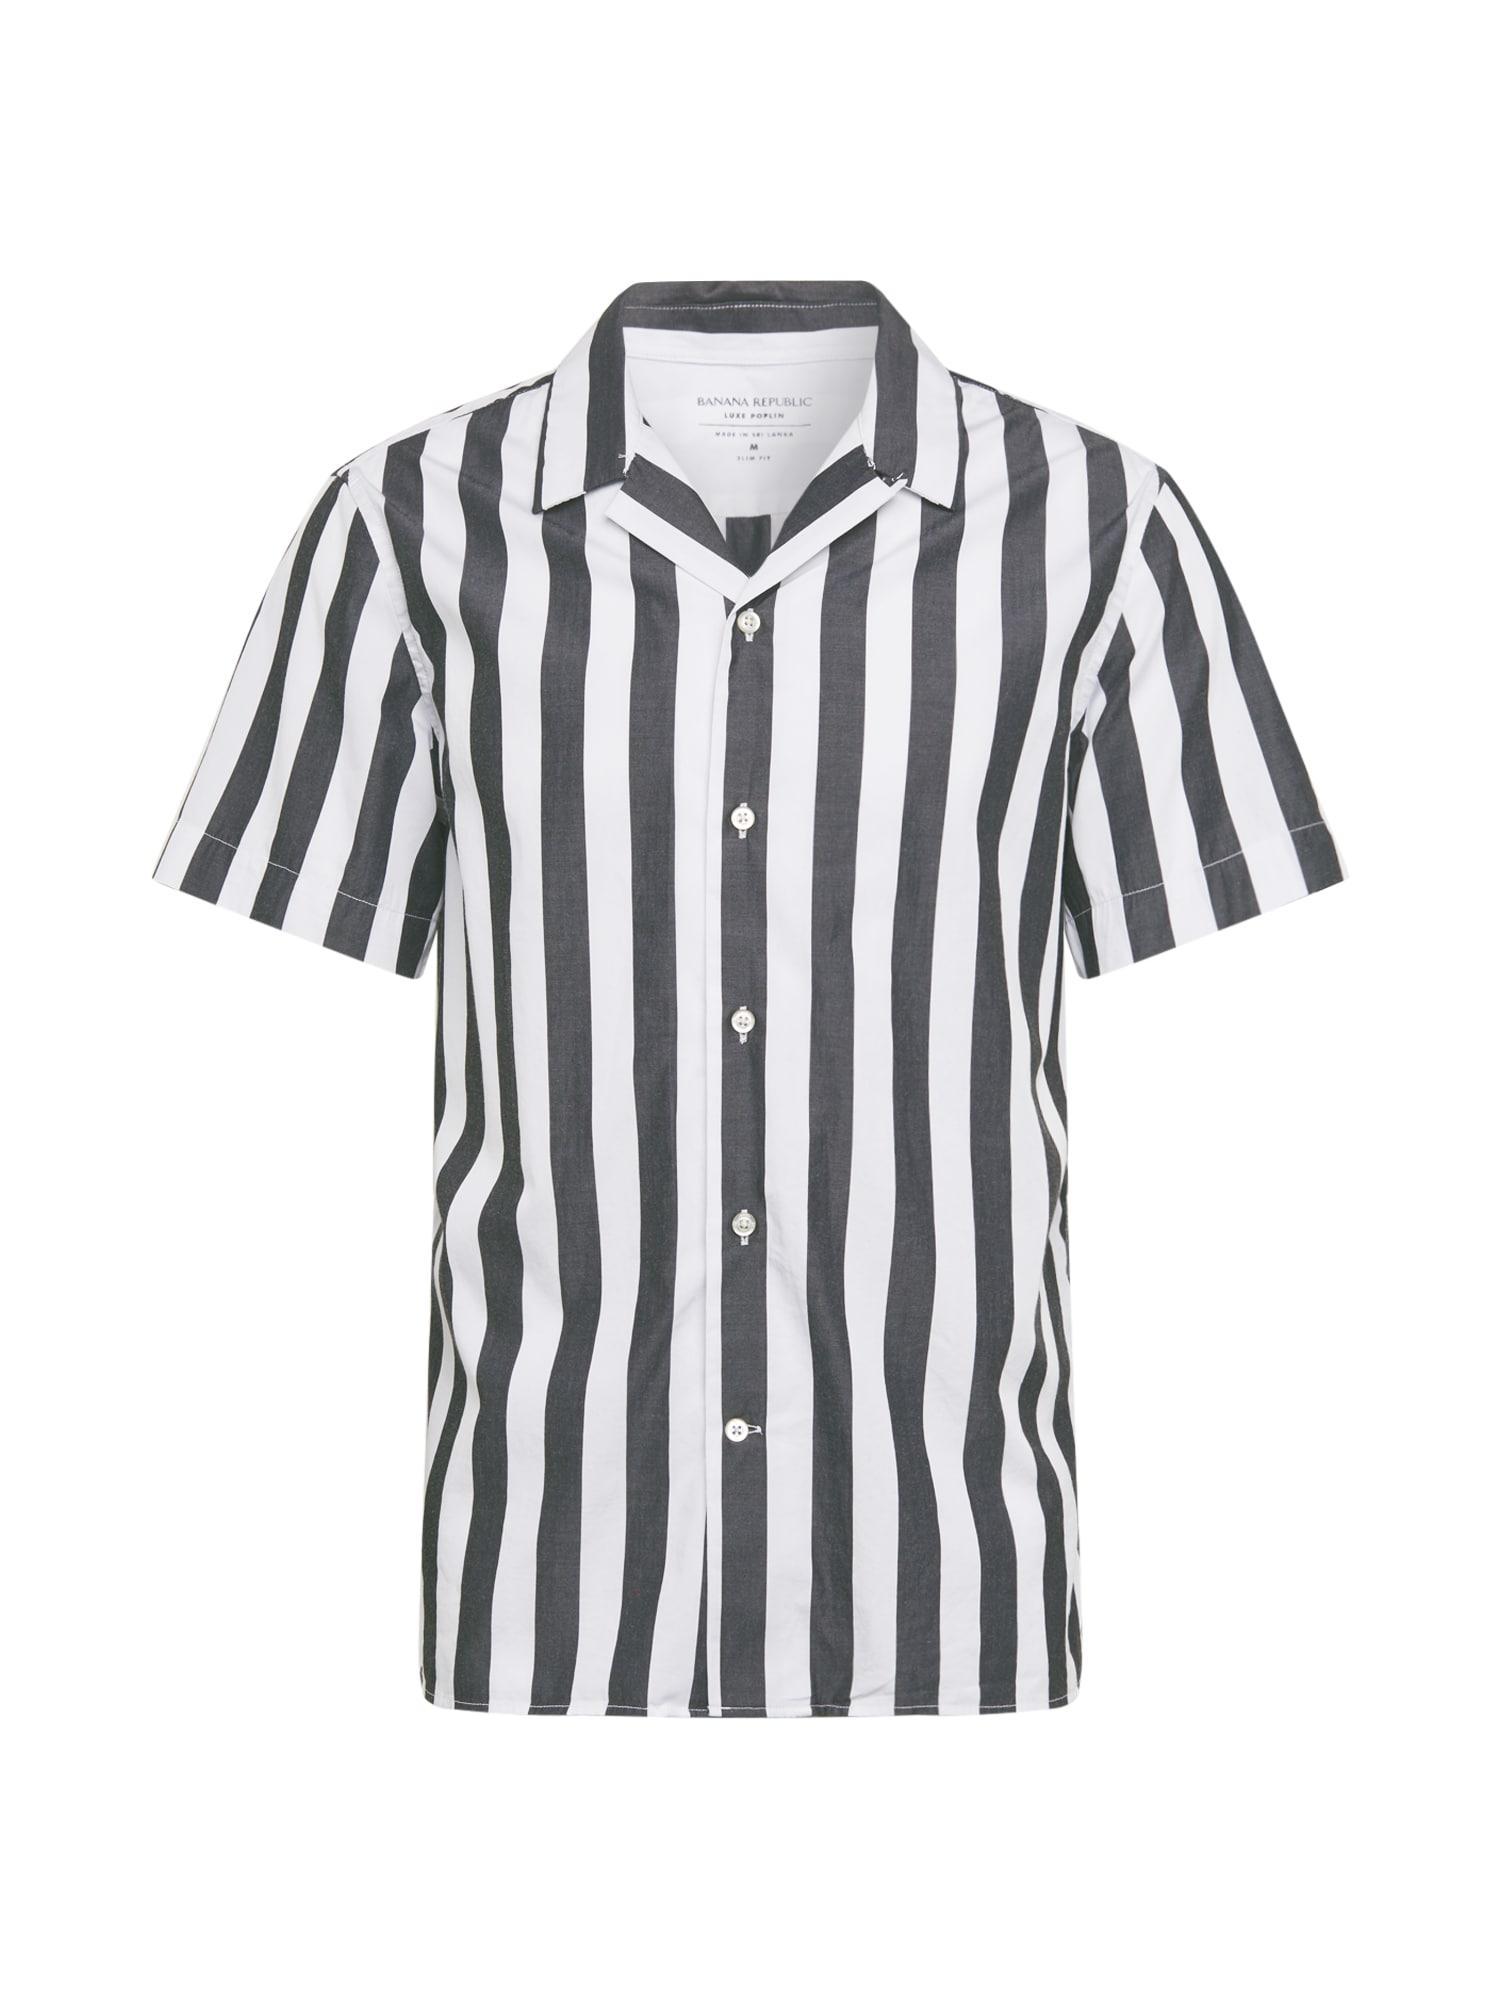 Banana Republic Dalykiniai marškiniai pilka / balta